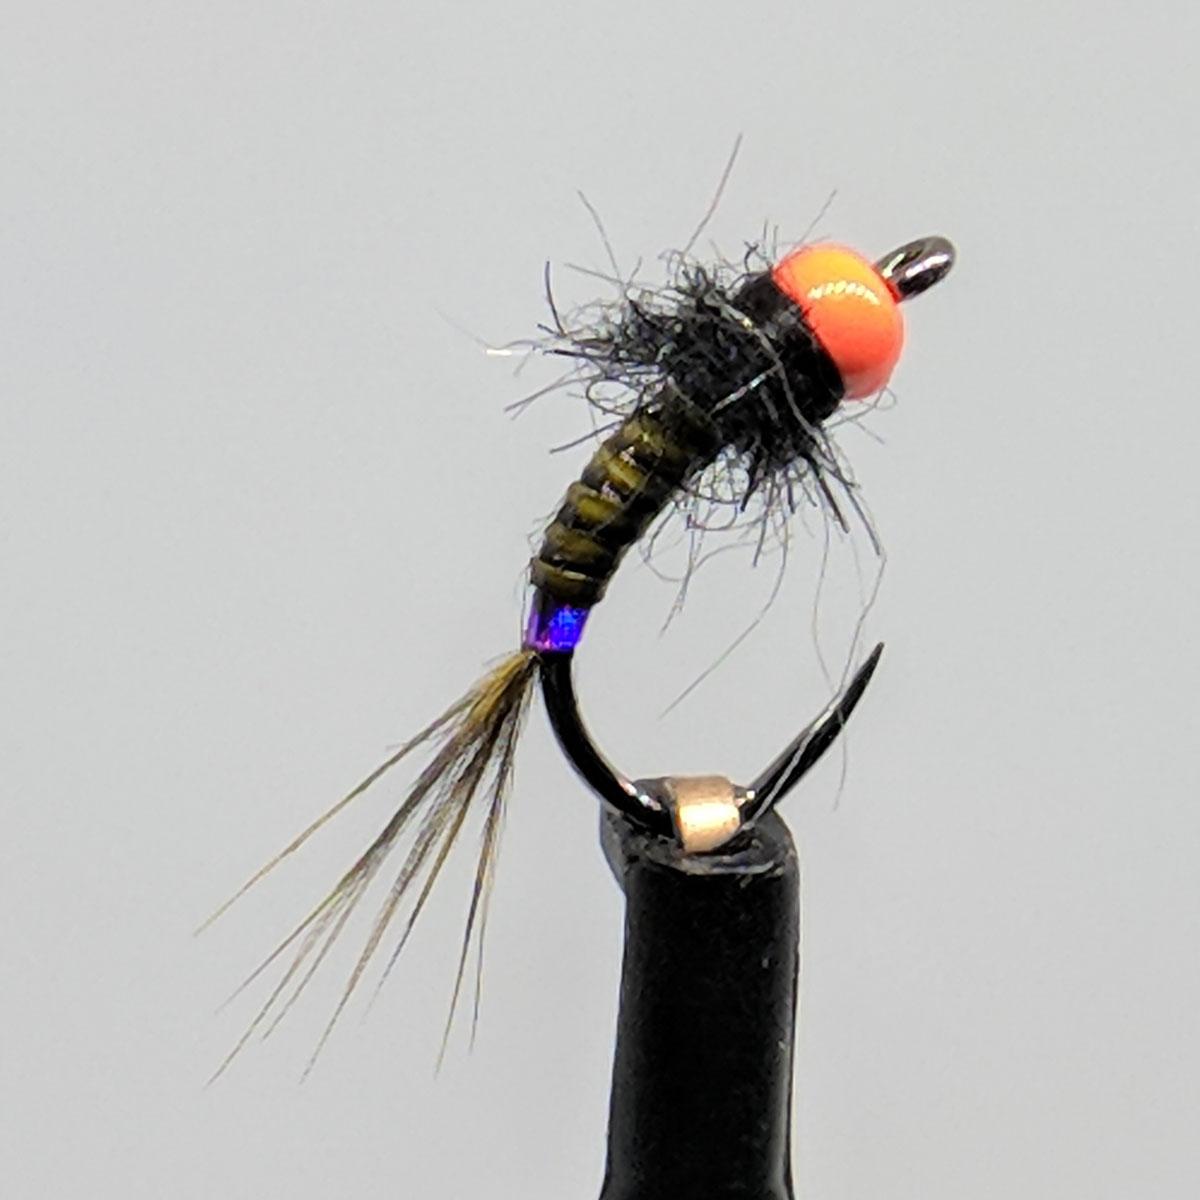 Purple Zebra Midge Nymph Fly with wing  sz 22 GO TO  PATTERN